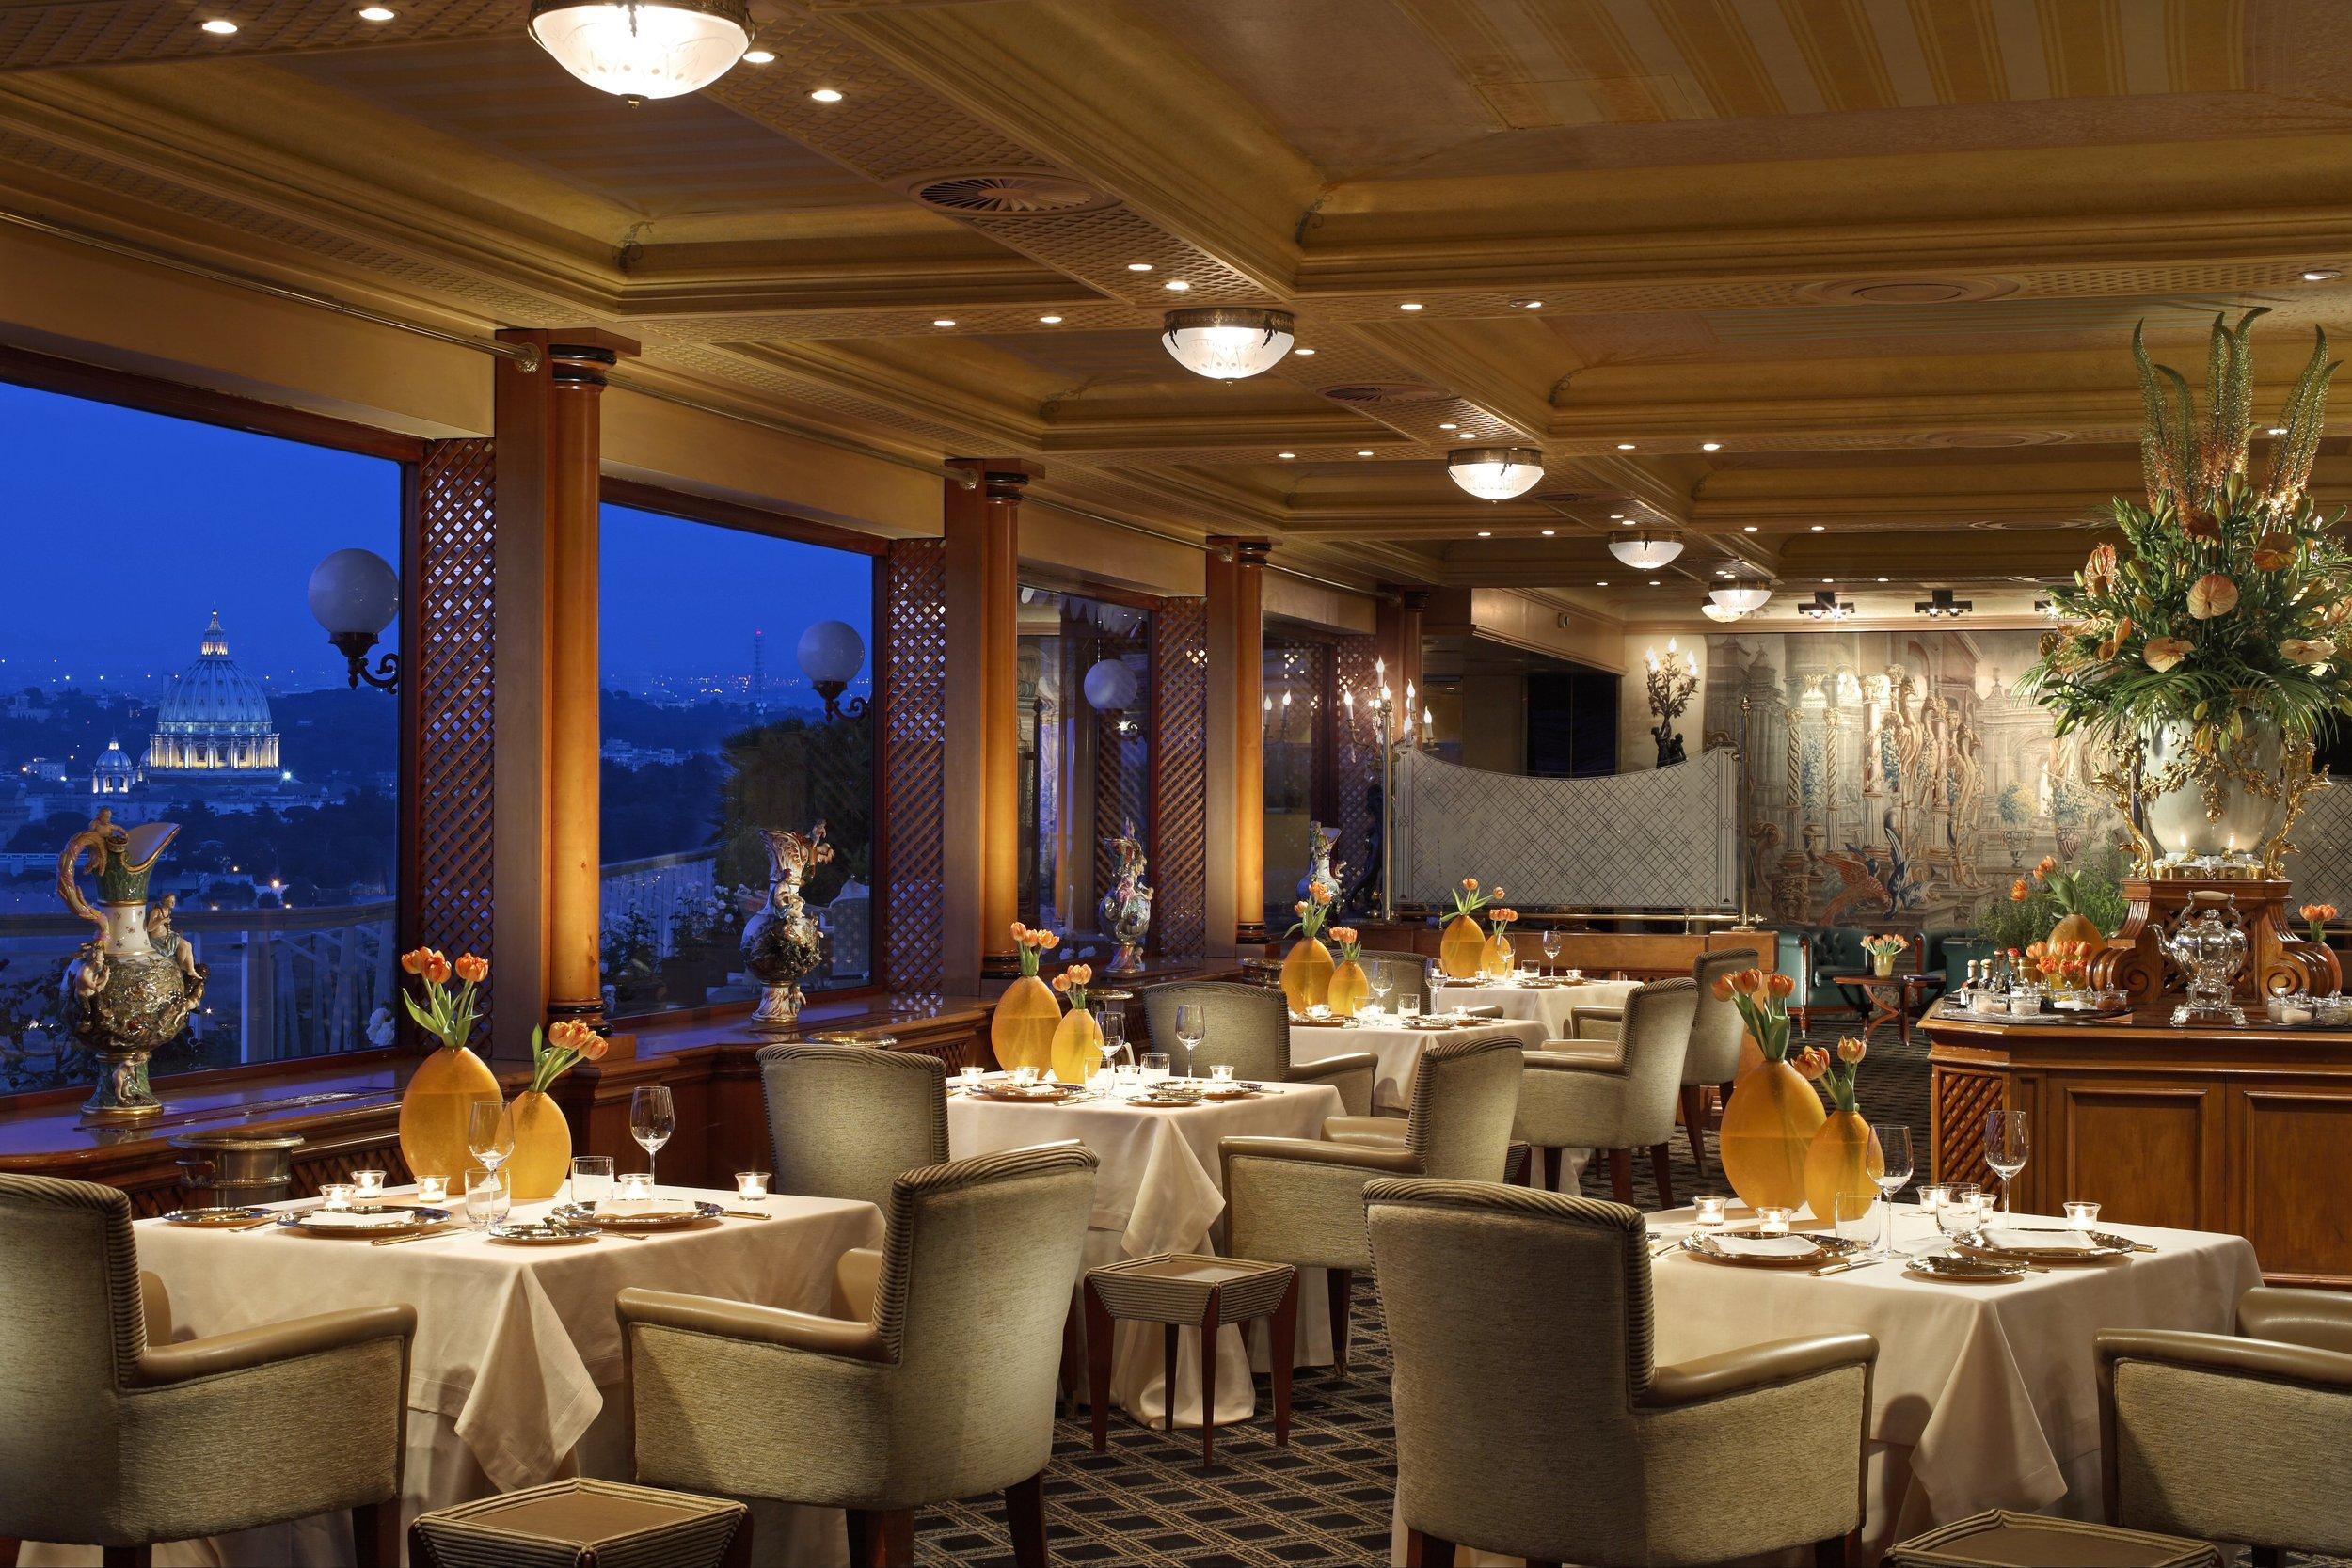 La Pergola, the Cavalieri's Michelin-starred restaurant